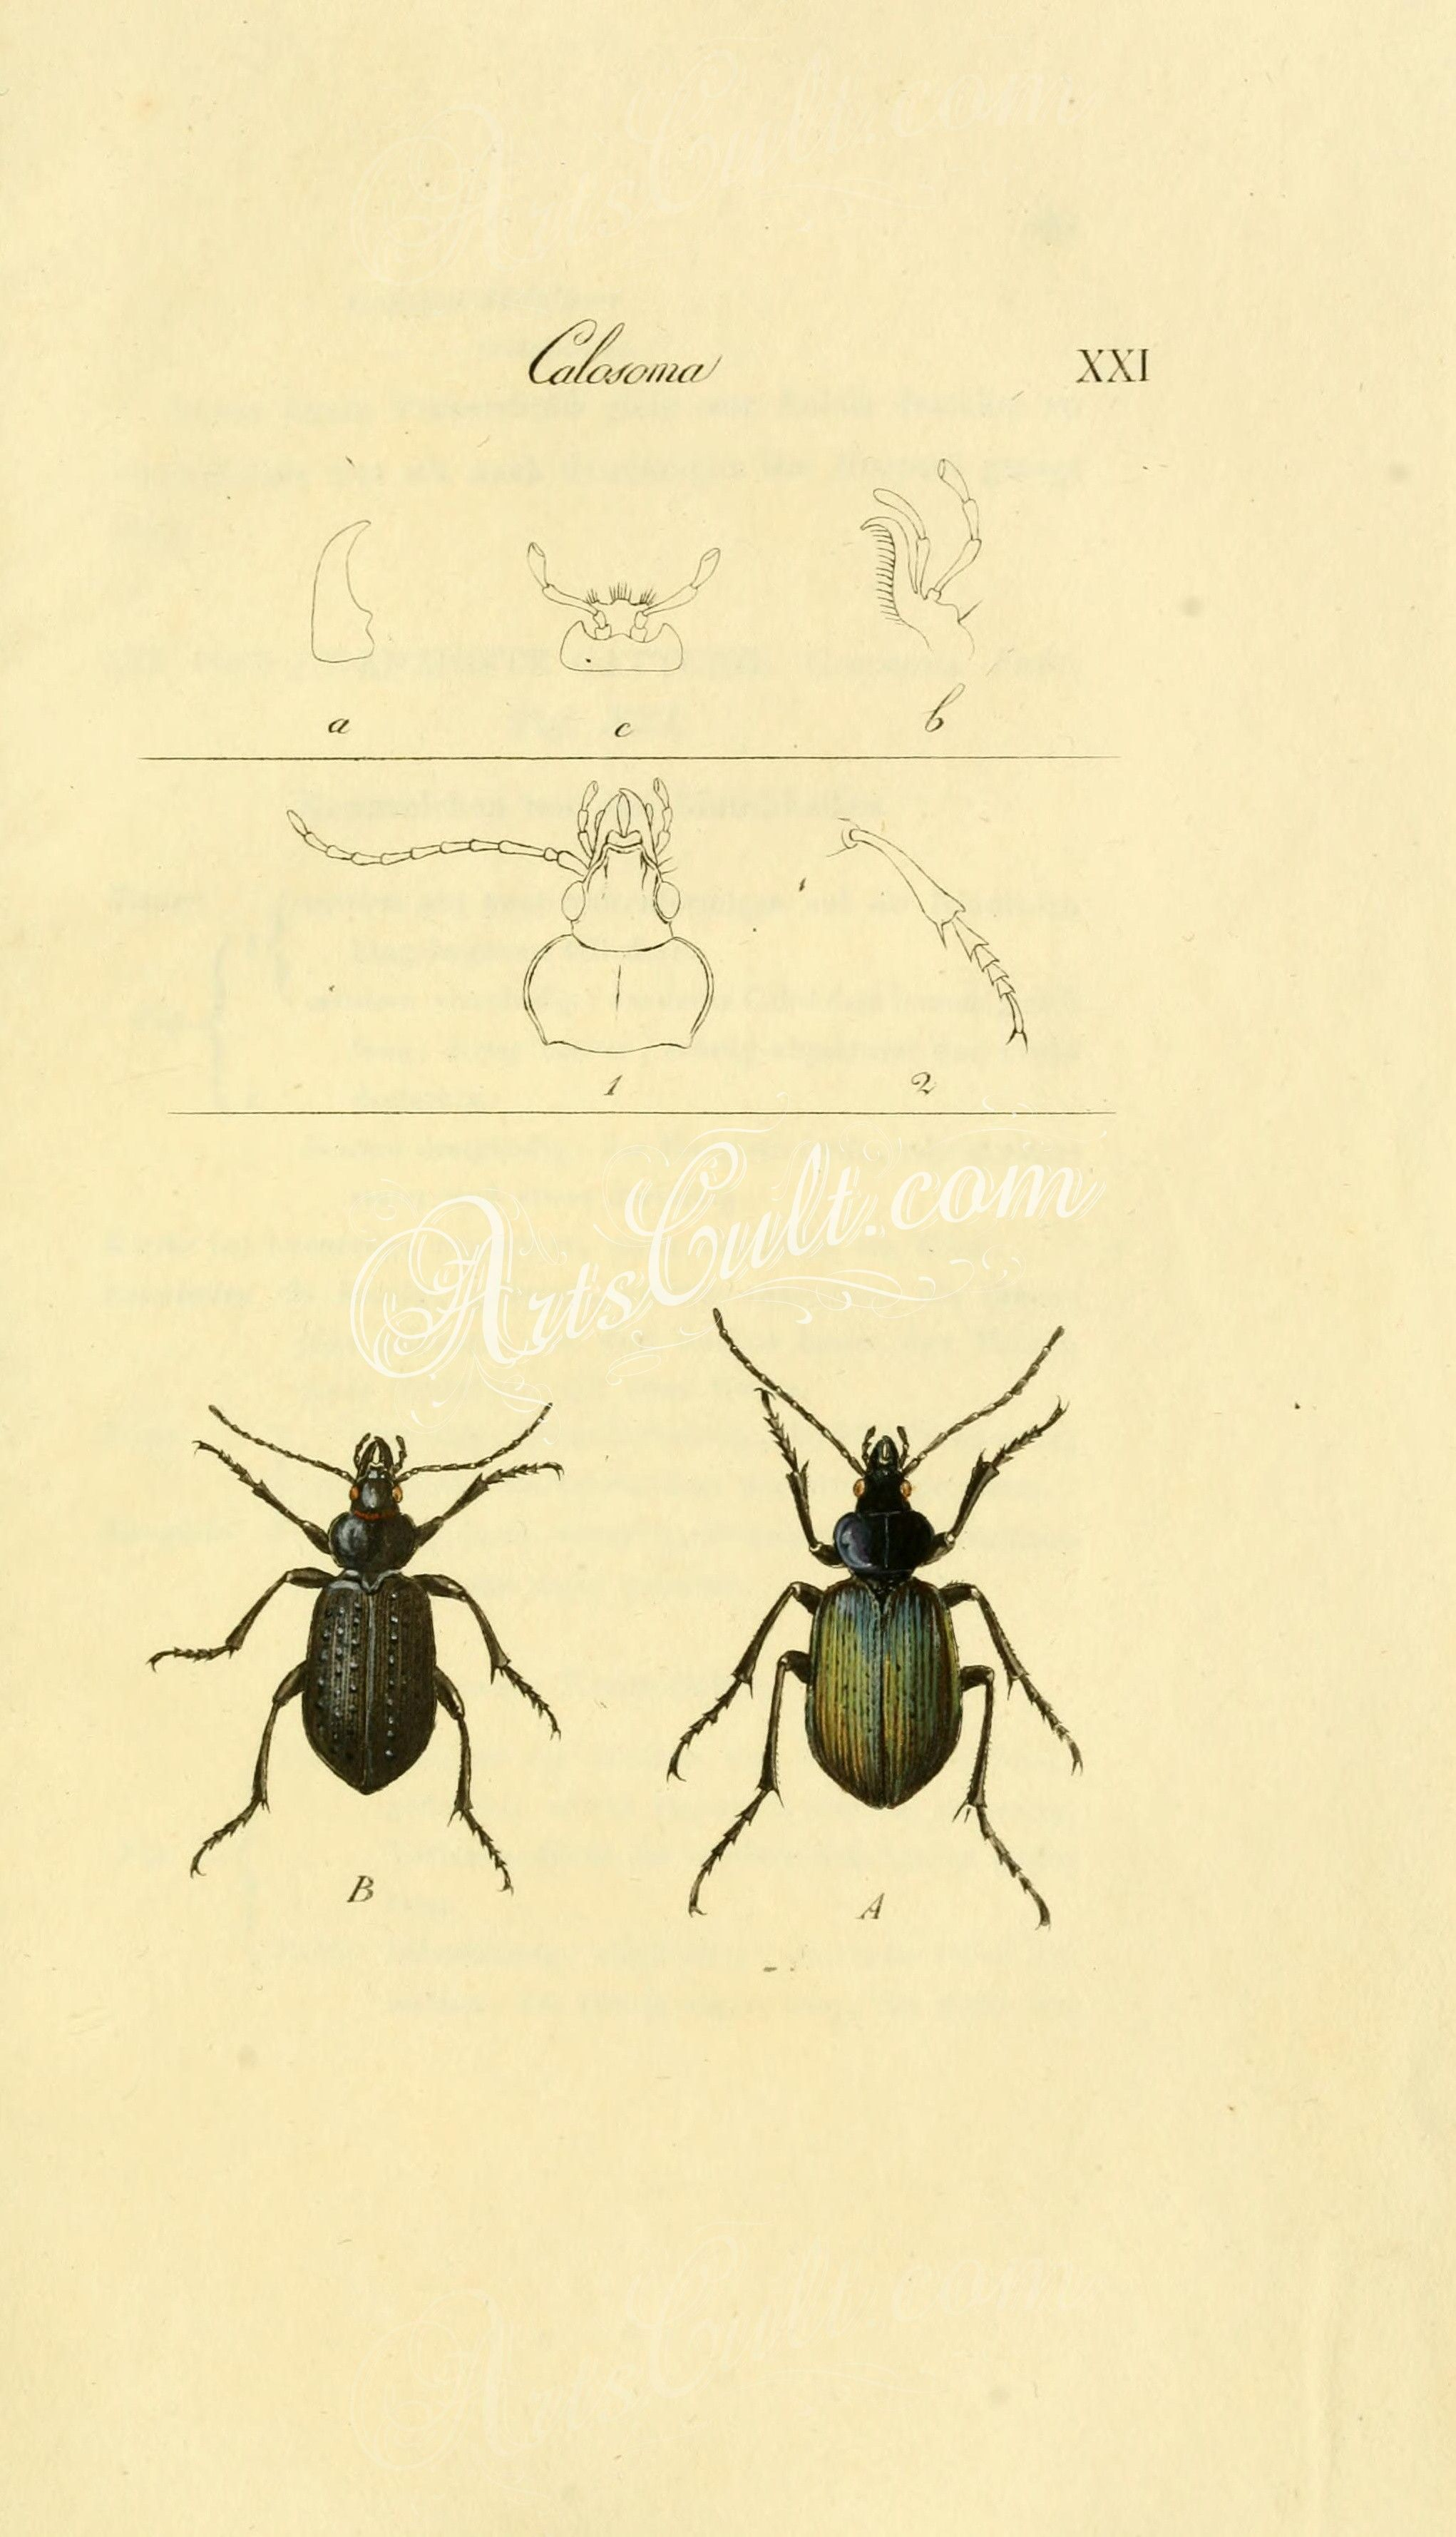 199-ceroglossus, plagiotelum, dromius, coptodera, lebia, oxoides, variopalpis, omalodera, trechus, thalassobius      ...